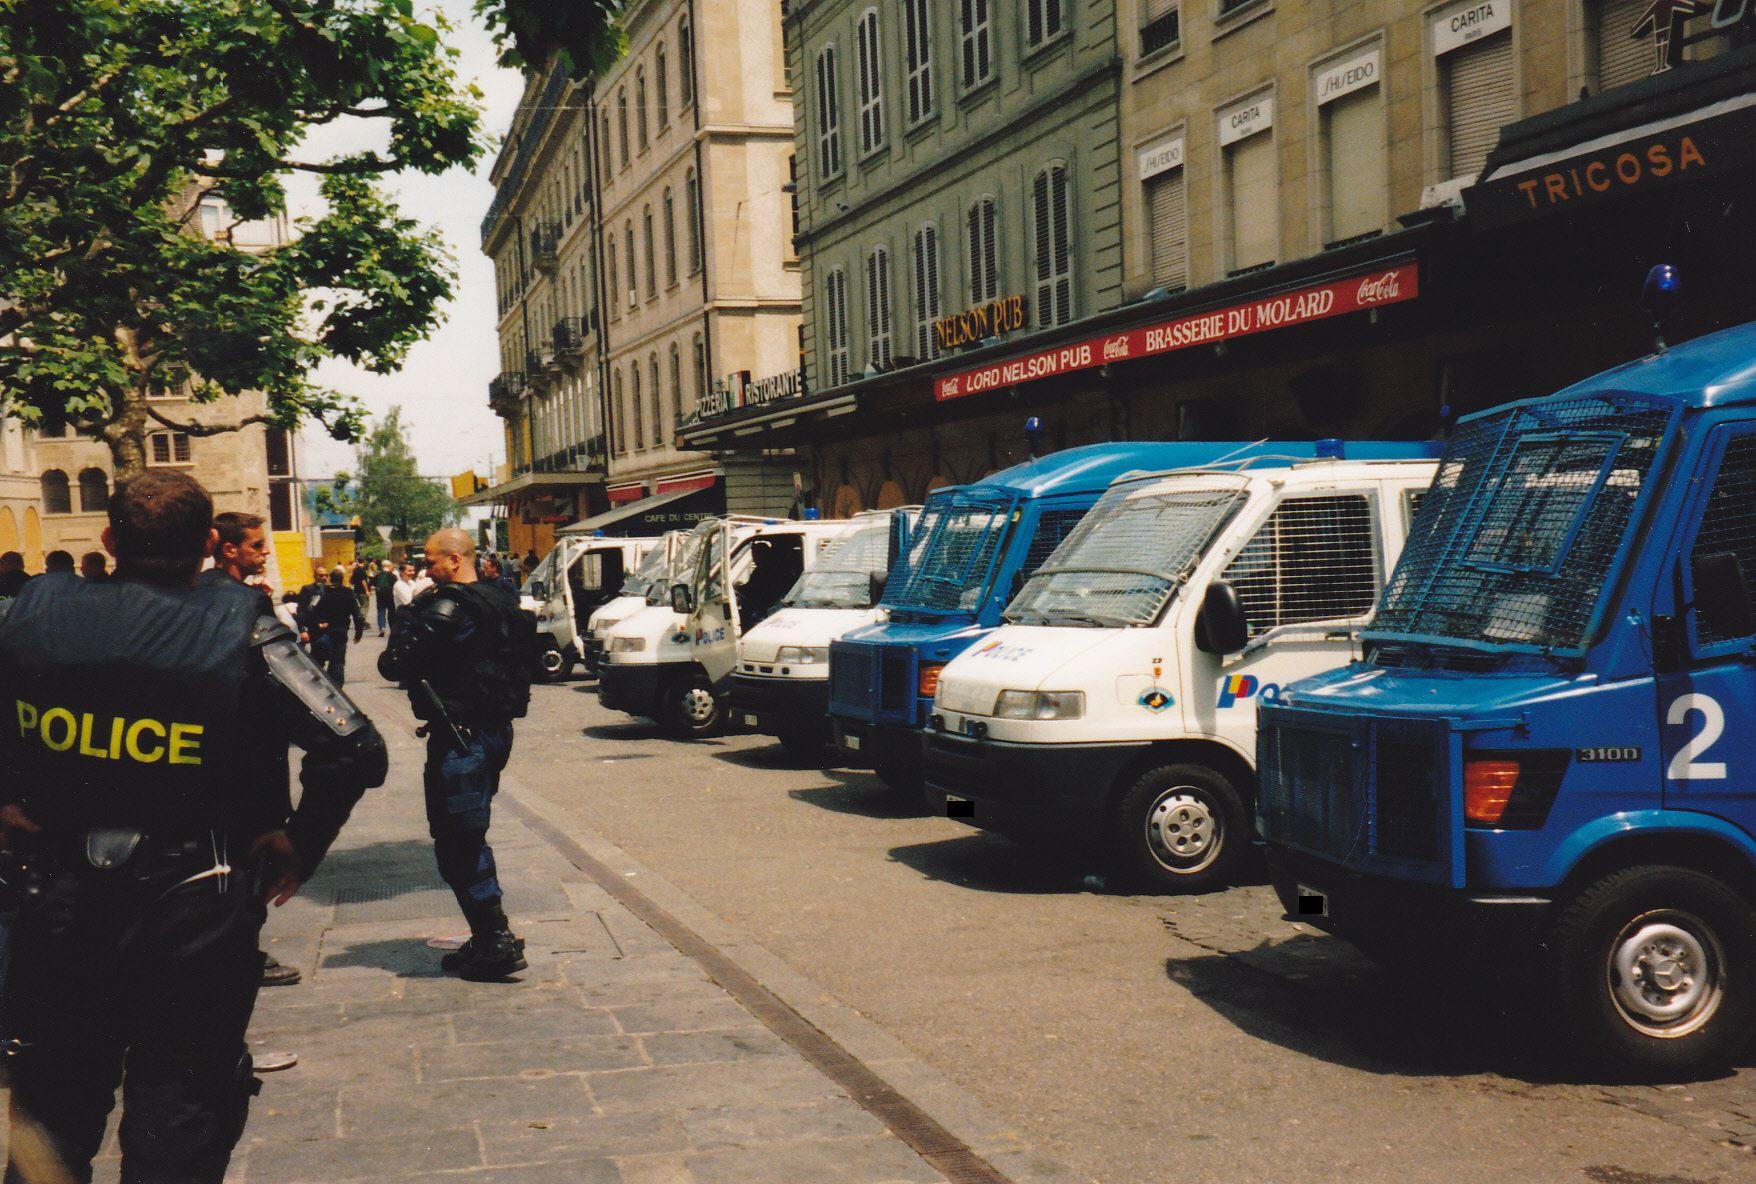 mercedes benz g8 deutschland polizei urgence police ambulance mercedes benz lkw. Black Bedroom Furniture Sets. Home Design Ideas